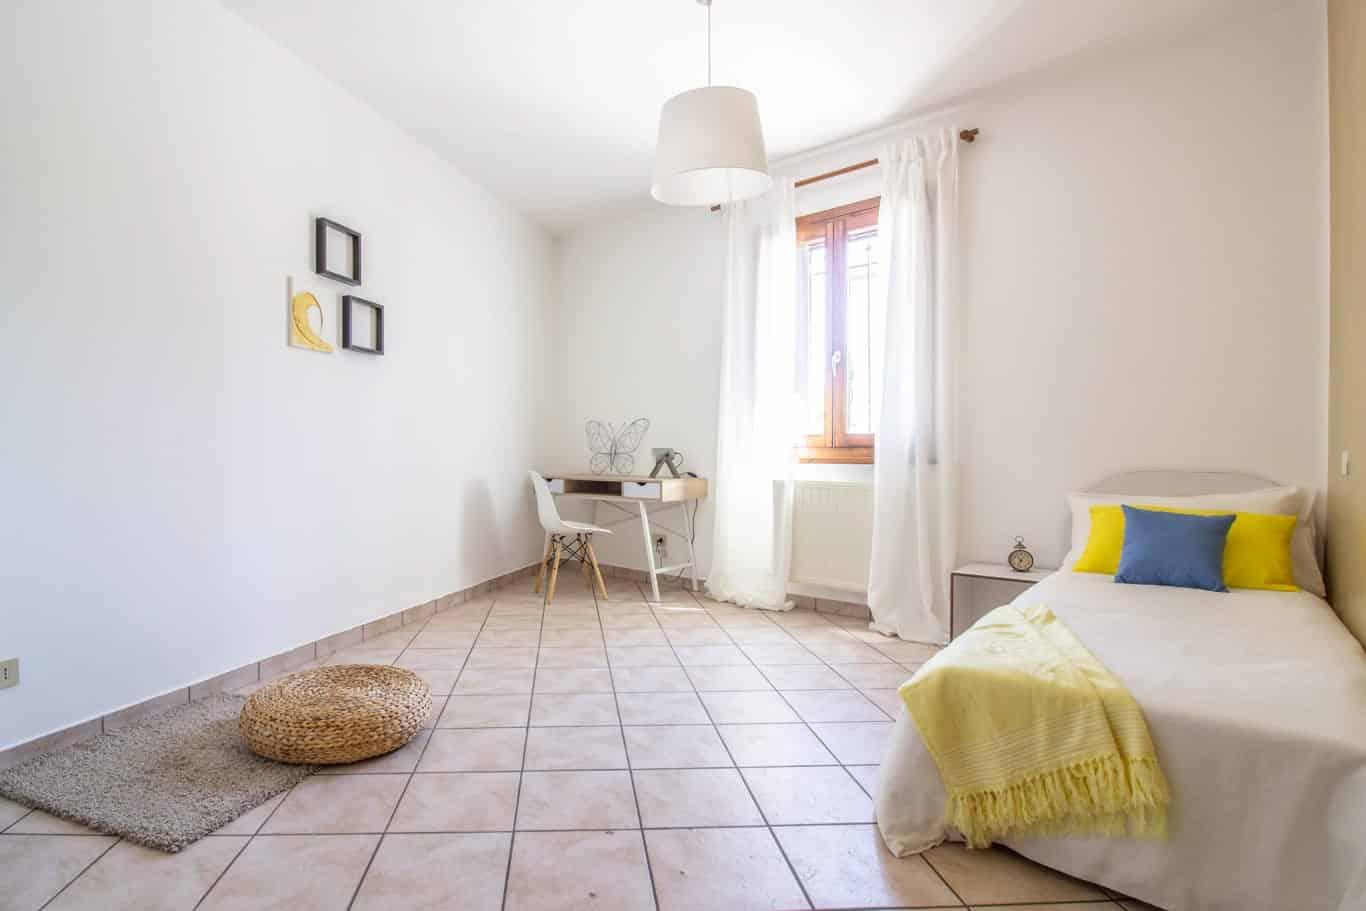 homelead-immobiliare-appartamento-zoppola (2 of 8)